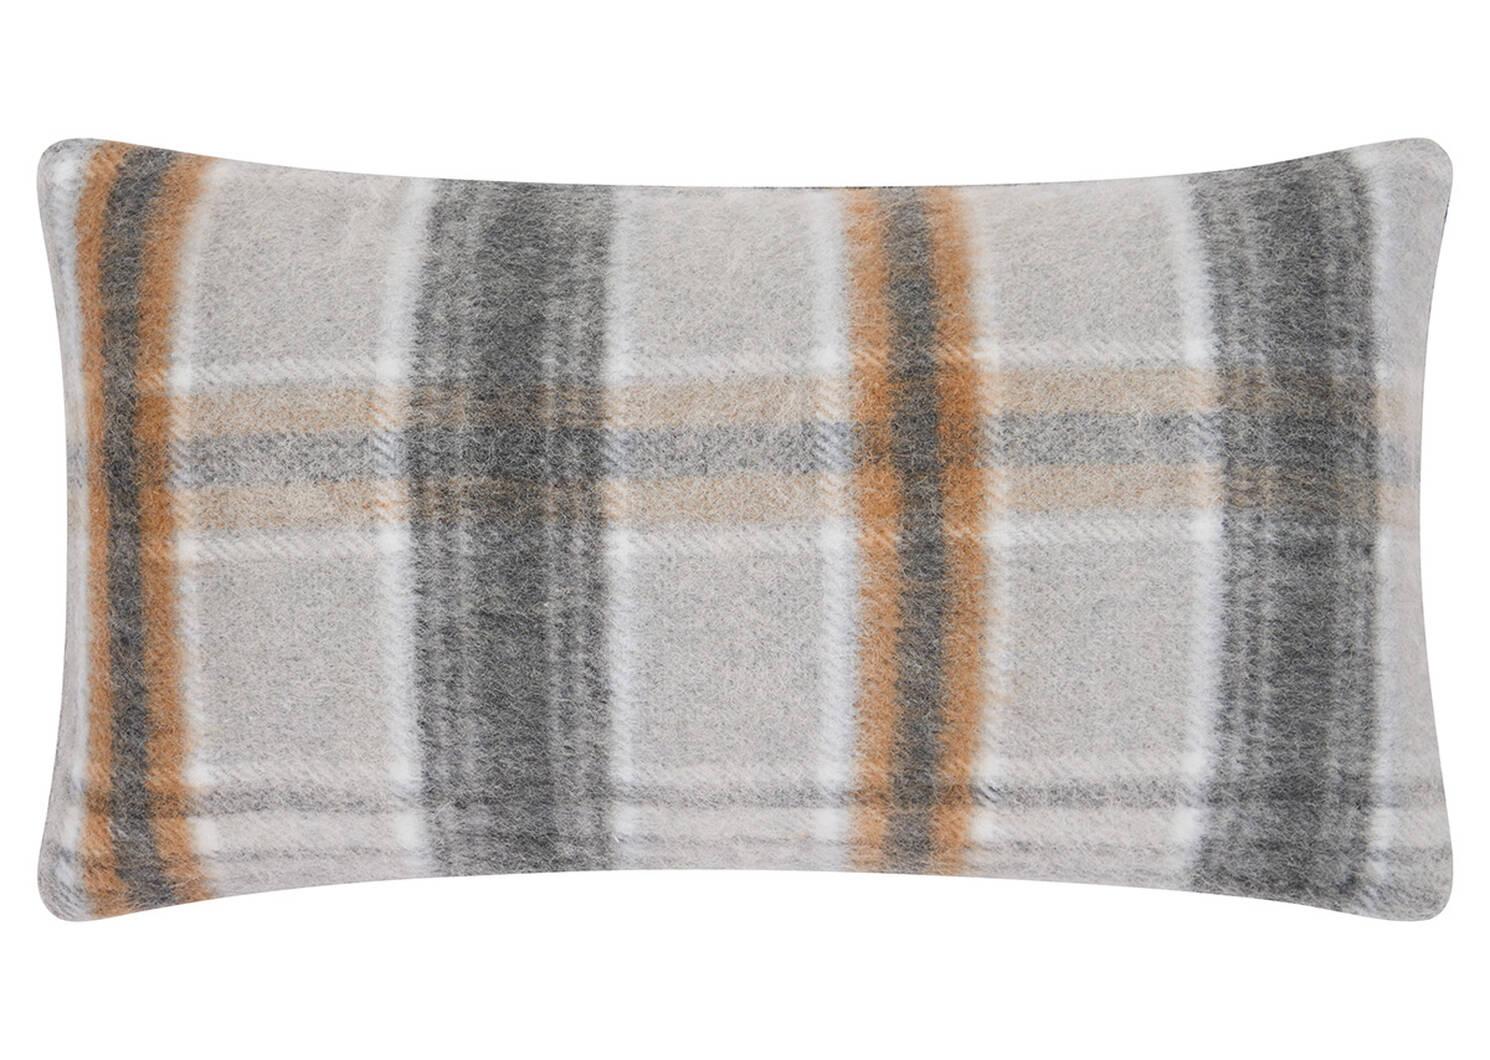 Iain Plaid Toss 12x22 Grey/Caramel